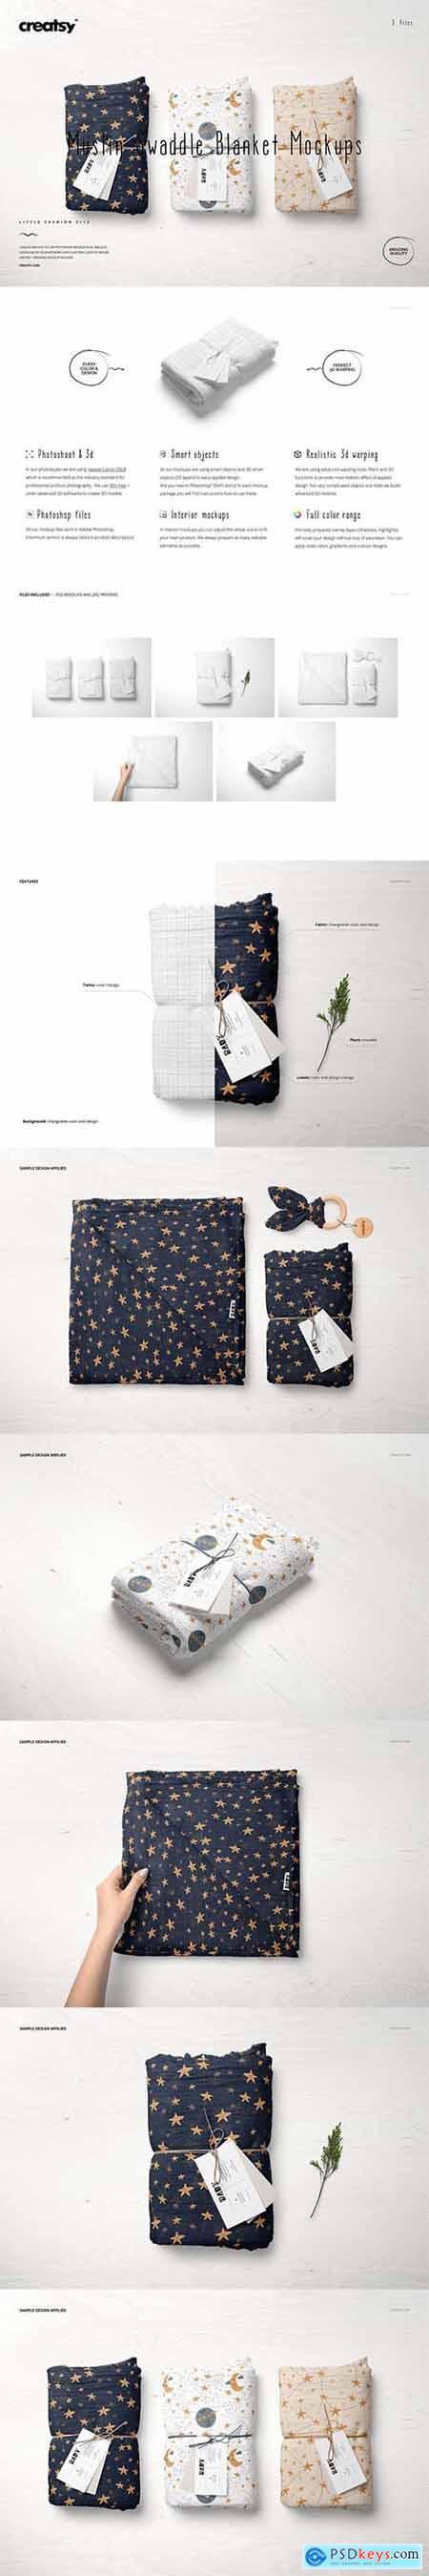 Muslin Swaddle Blanket Mockup Set 6046680